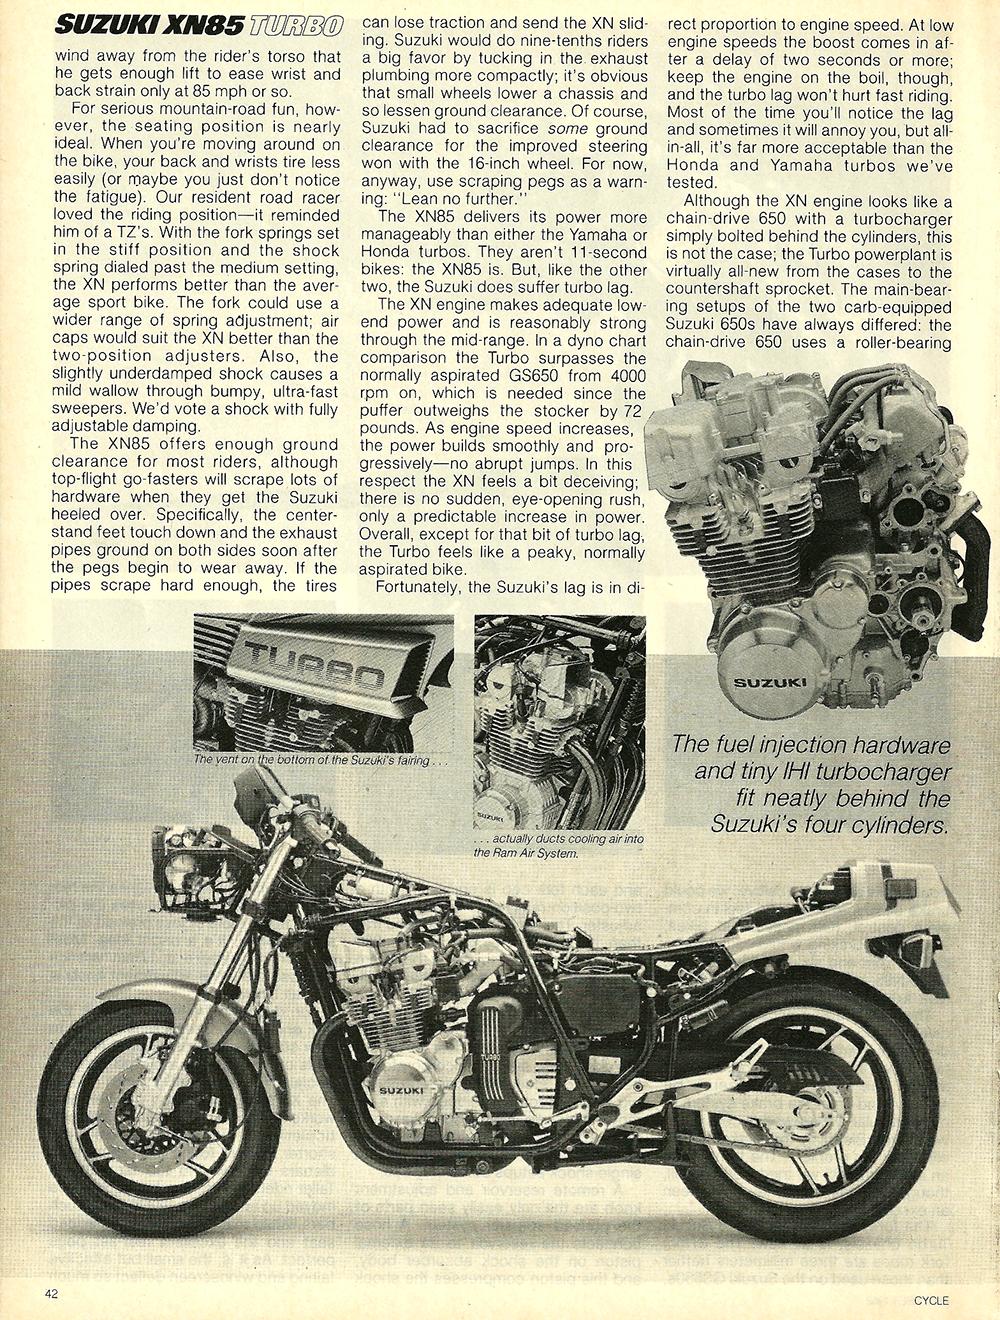 1983 Suzuki XN85 Turbo road test 5.jpg